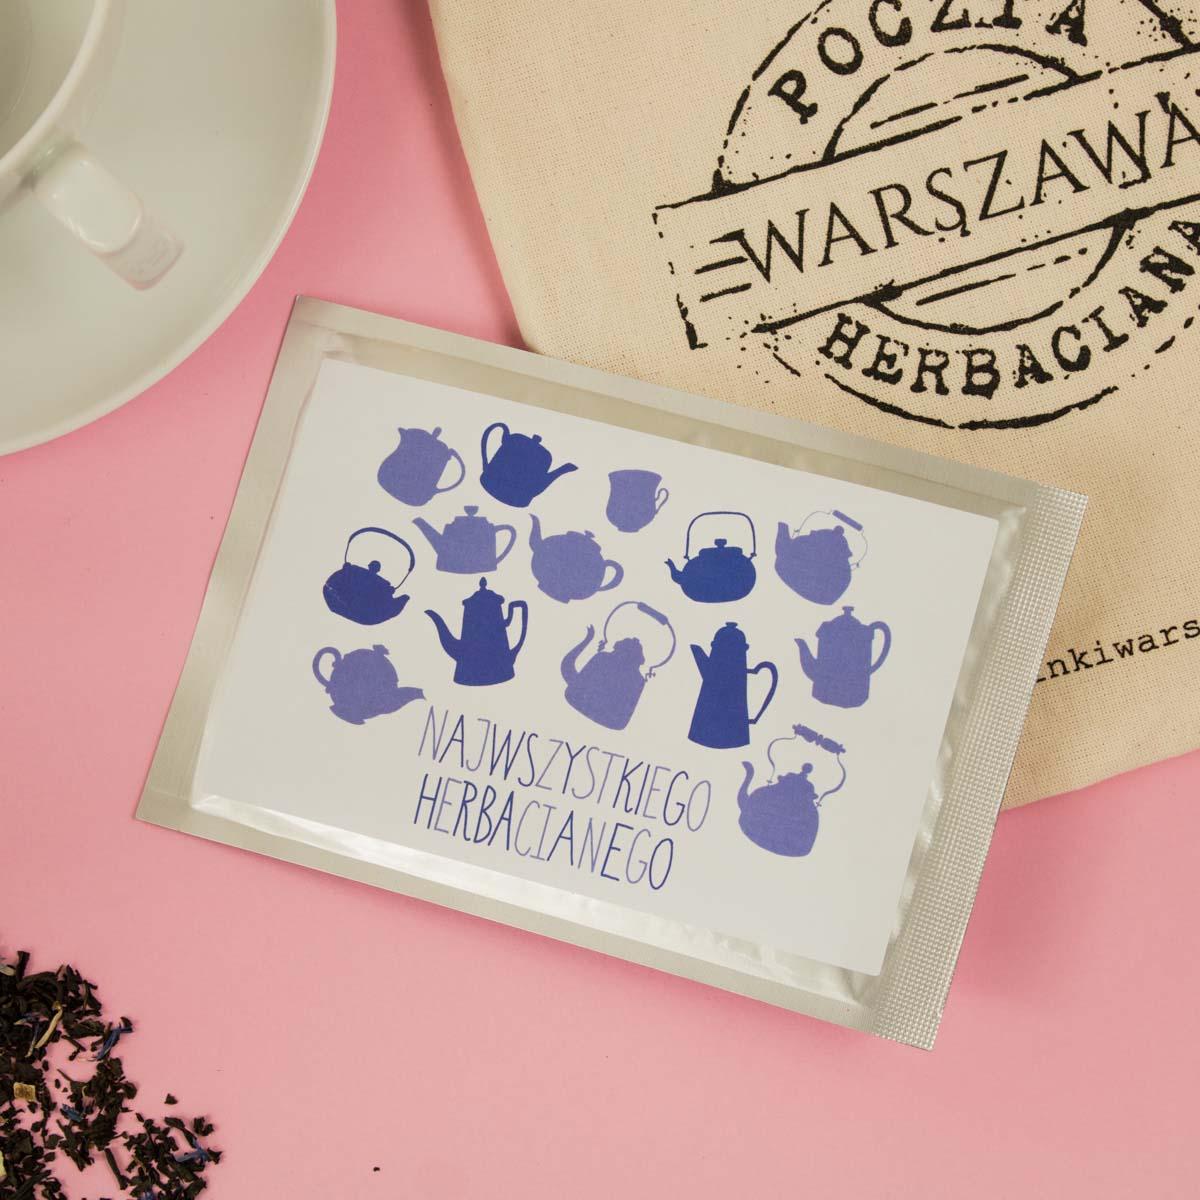 Najwszystkiego Herbacianego Błękit